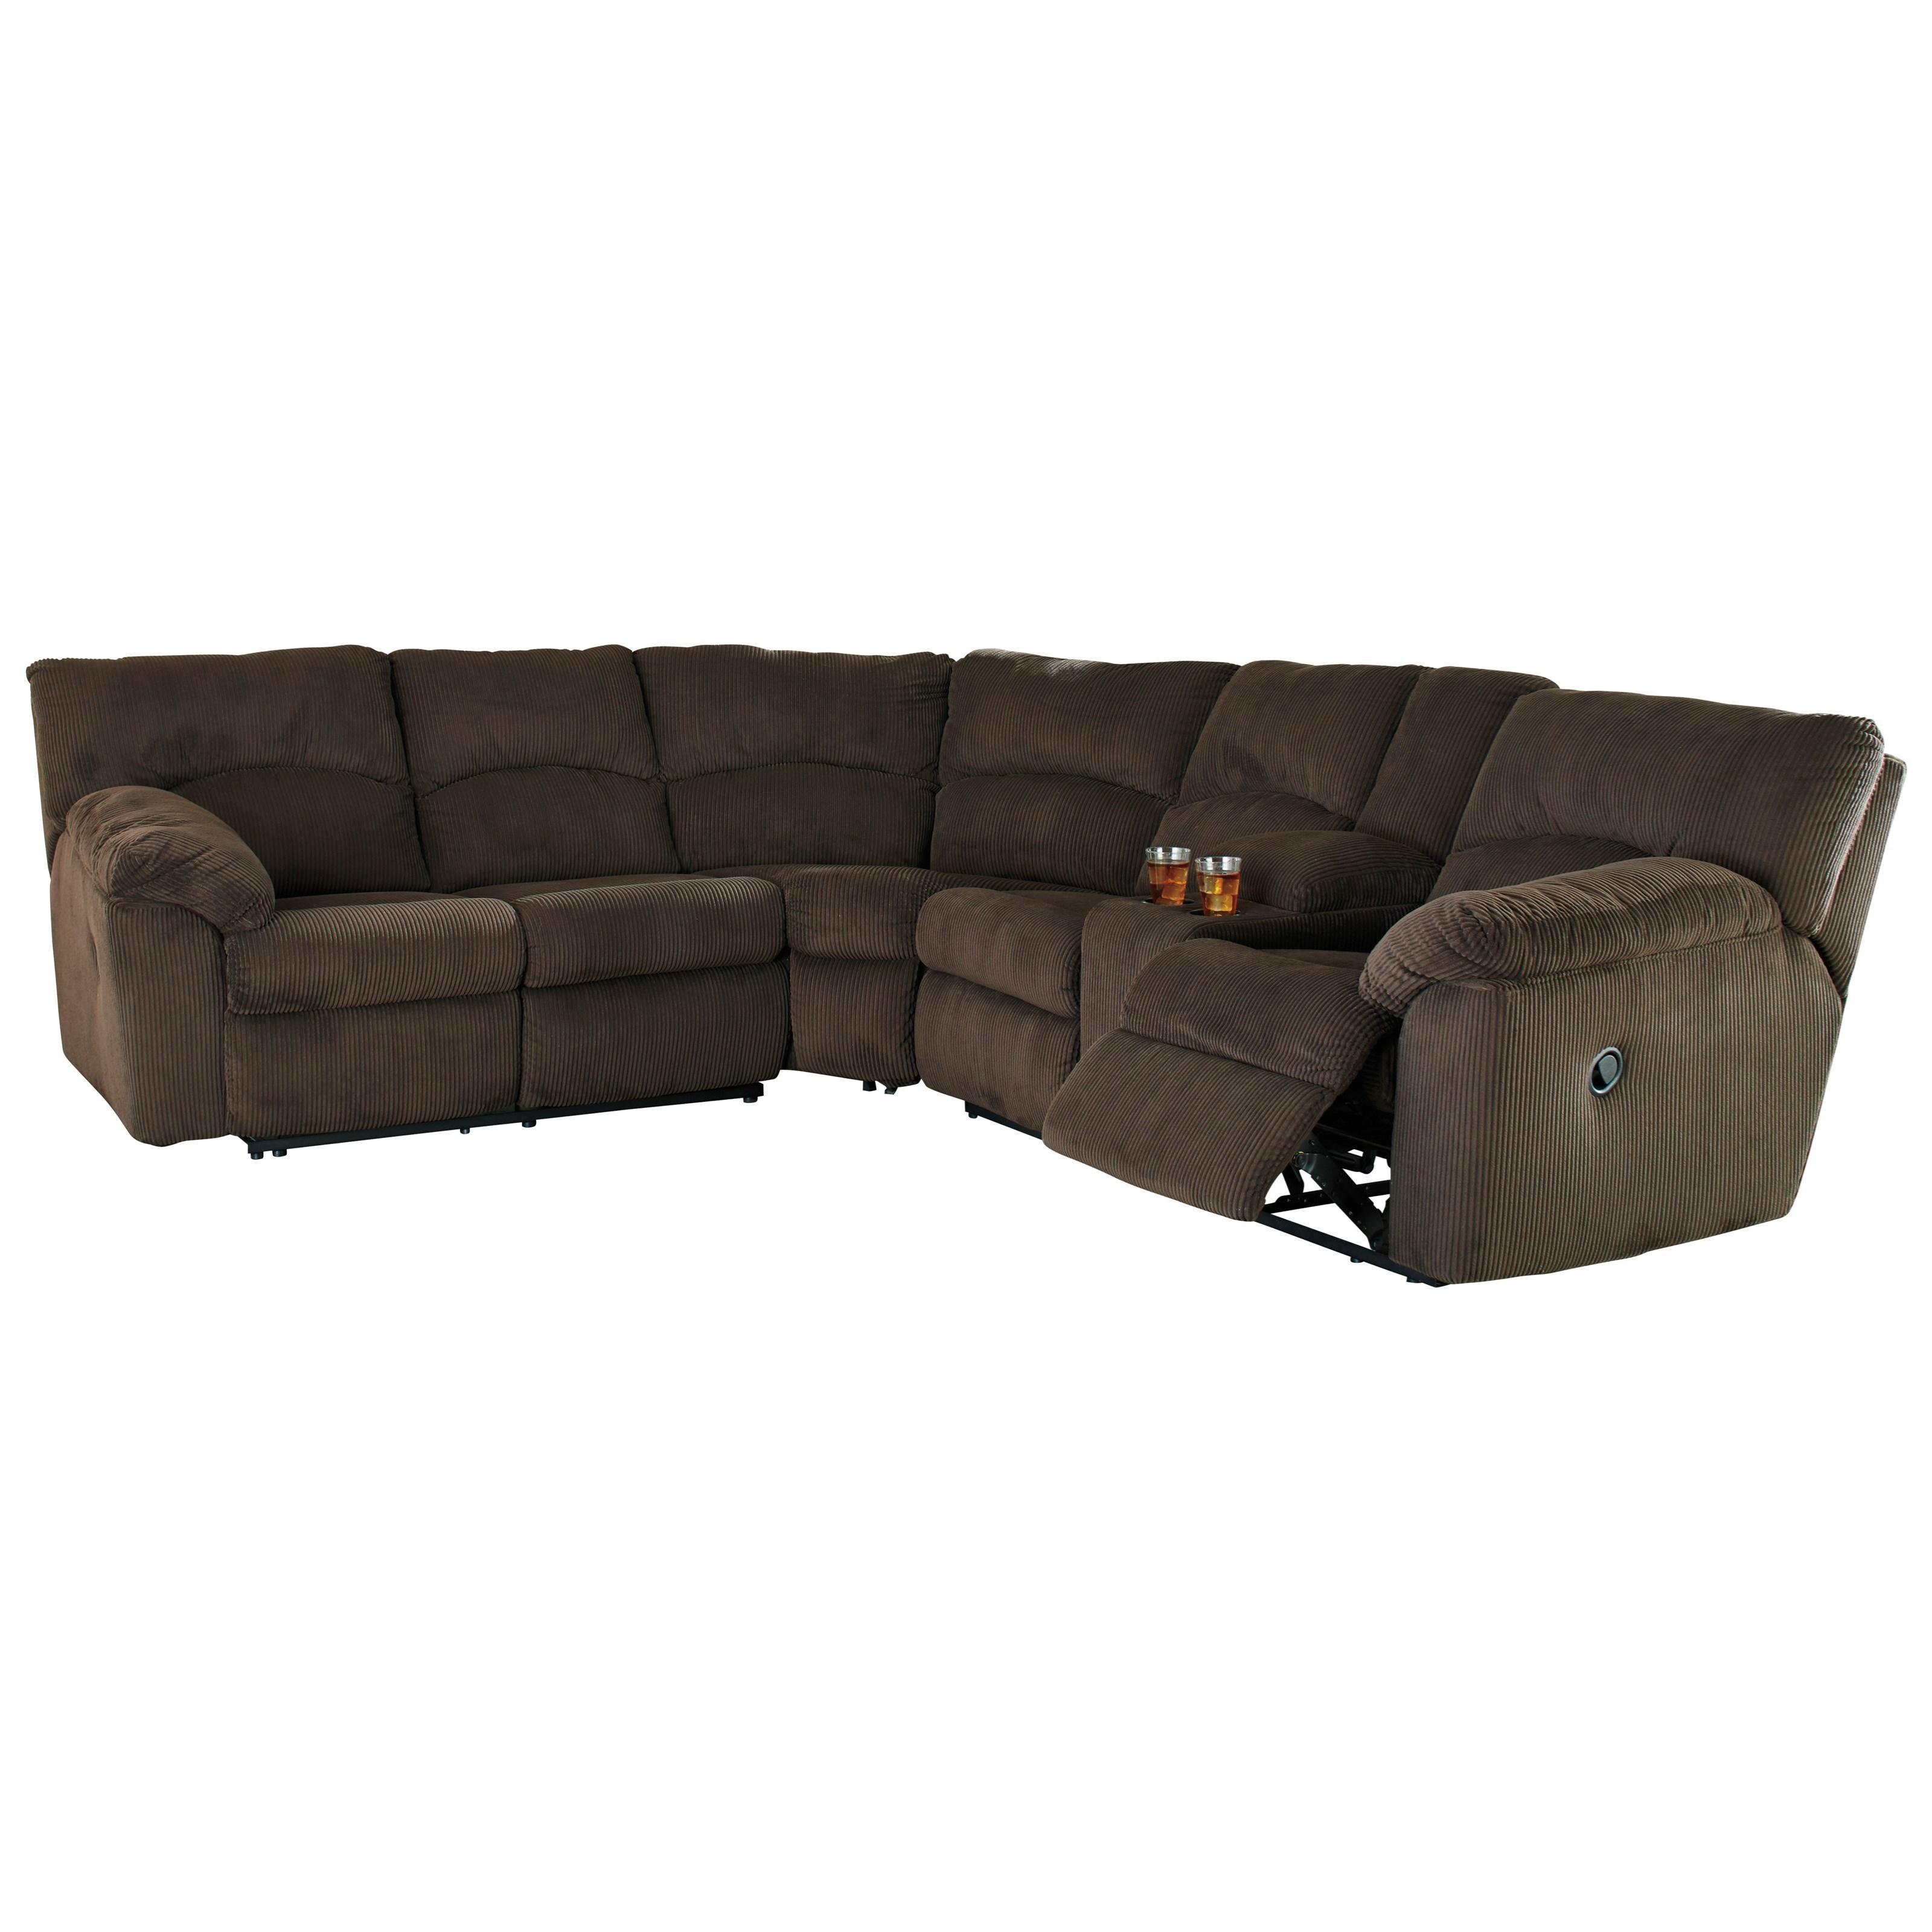 cool comforter recliners recliner chairs for room wayfair comfort design swivel living